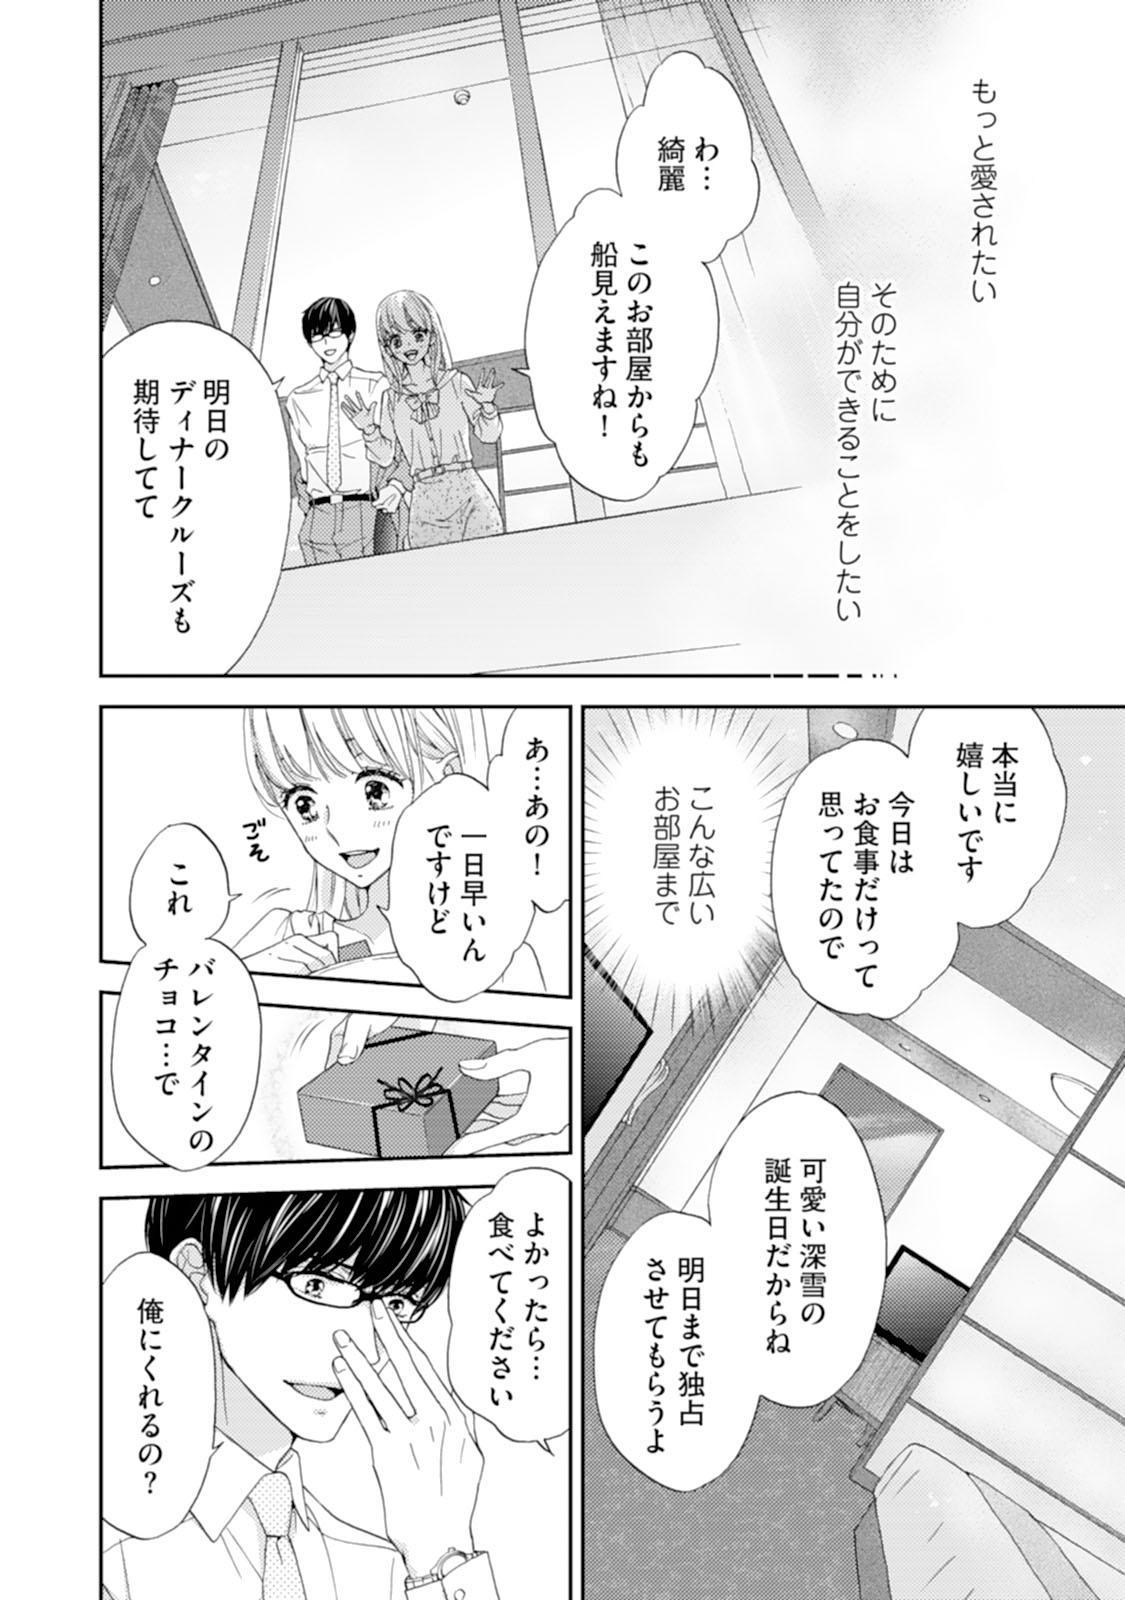 [Adumi Yuu] Choukyou-kei Danshi Ookami-sama to Koneko-chan Ch. 1-3 65